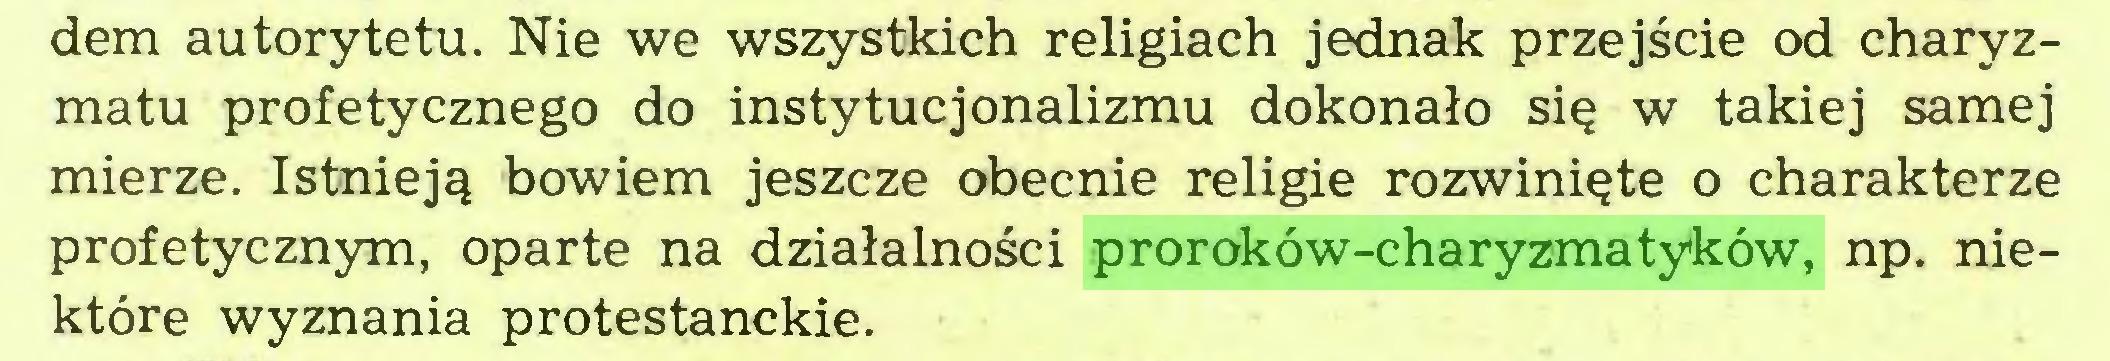 (...) dem autorytetu. Nie we wszystkich religiach jednak przejście od charyzmatu profetycznego do instytucjonalizmu dokonało się w takiej samej mierze. Istnieją bowiem jeszcze obecnie religie rozwinięte o charakterze profetycznym, oparte na działalności proroków-charyzmatyków, np. niektóre wyznania protestanckie...